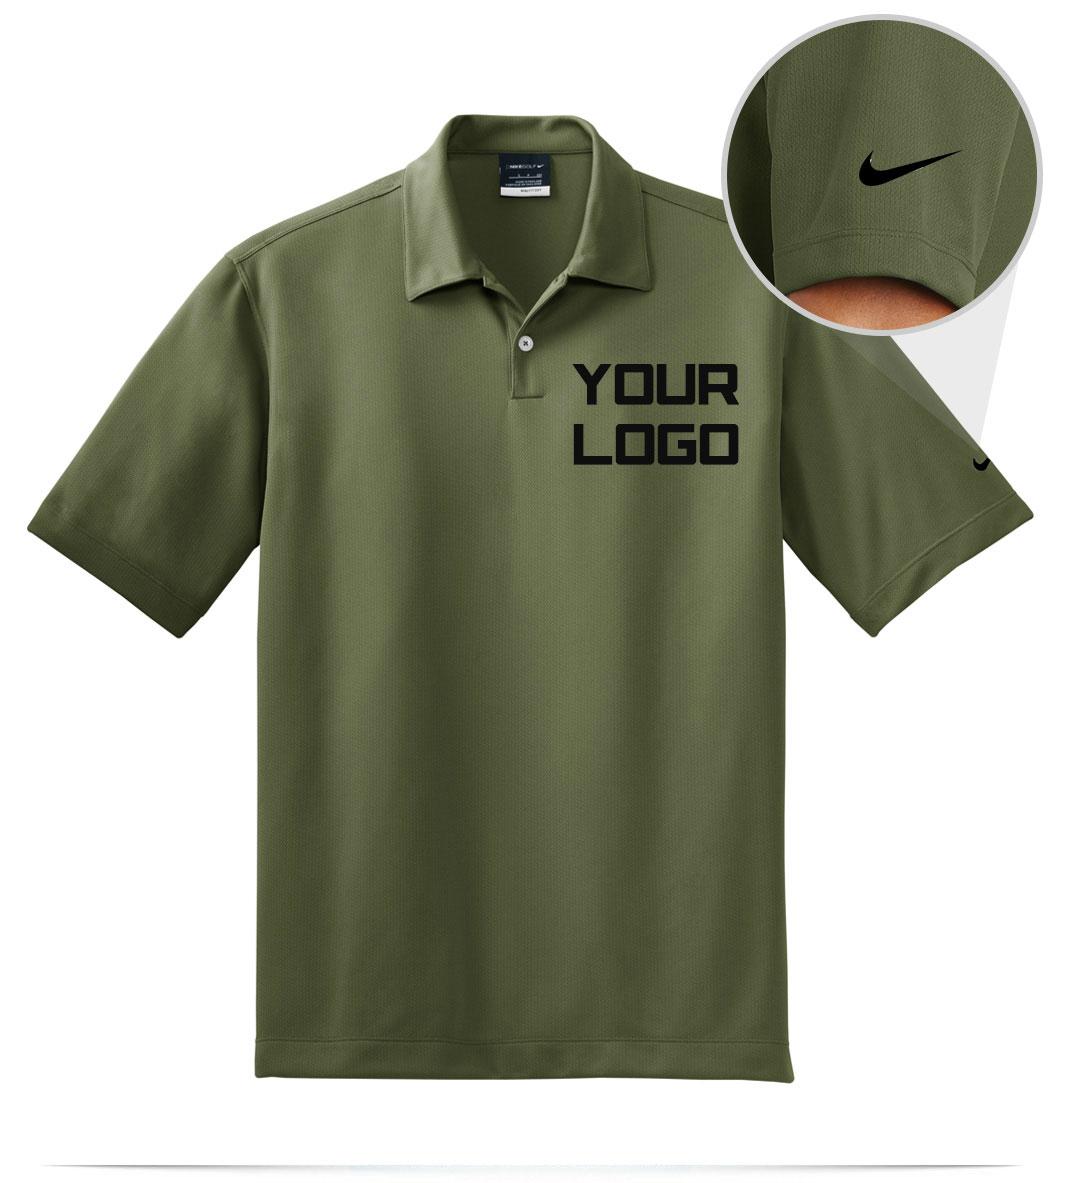 648b4e82 Custom Nike Golf Shirt